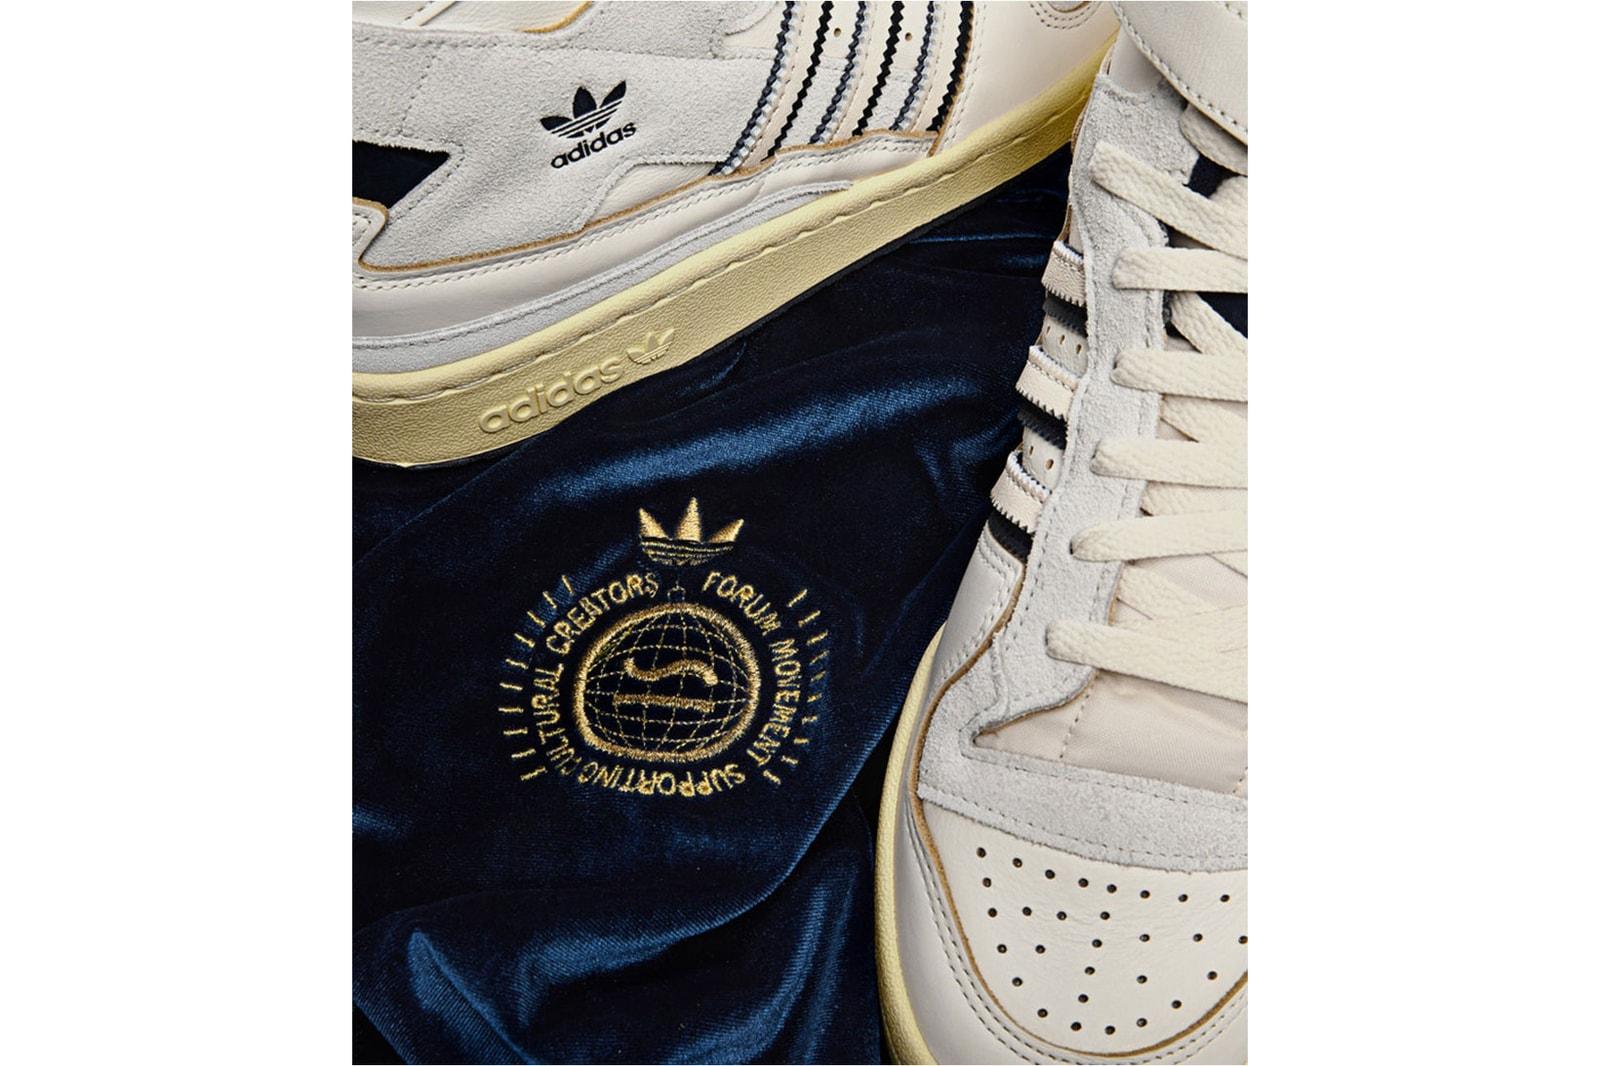 adidas originals forum 84 sivasdescalzo svd collaboration retro vintage sneakers barcelona release voodoo club